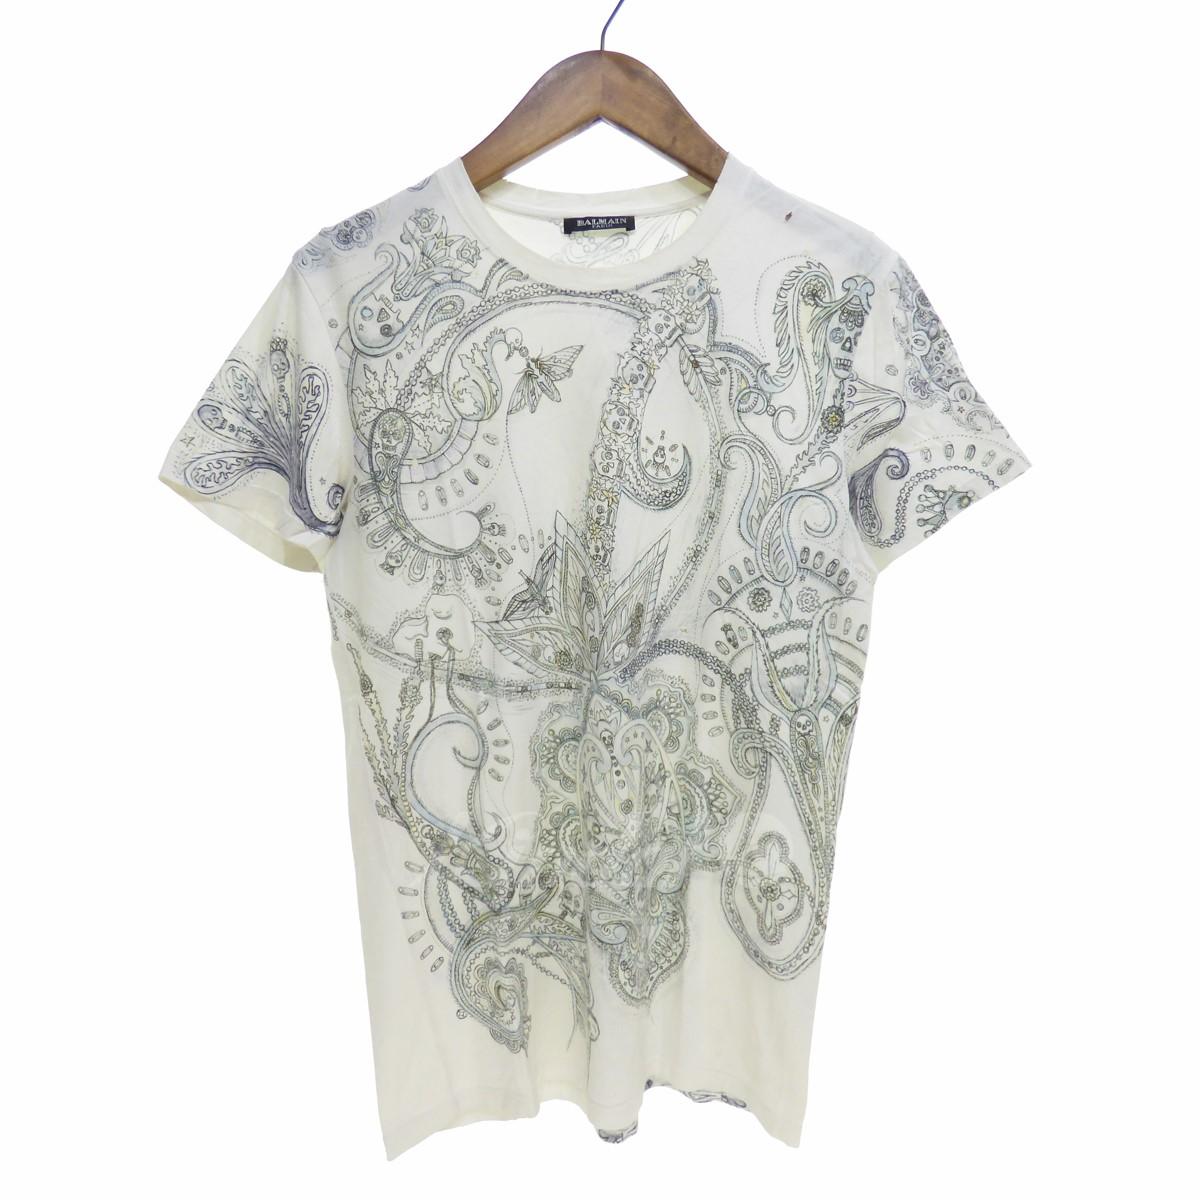 【中古】BALMAIN ダメージ加工総柄スカルTシャツ 【送料無料】 【004275】 【星】